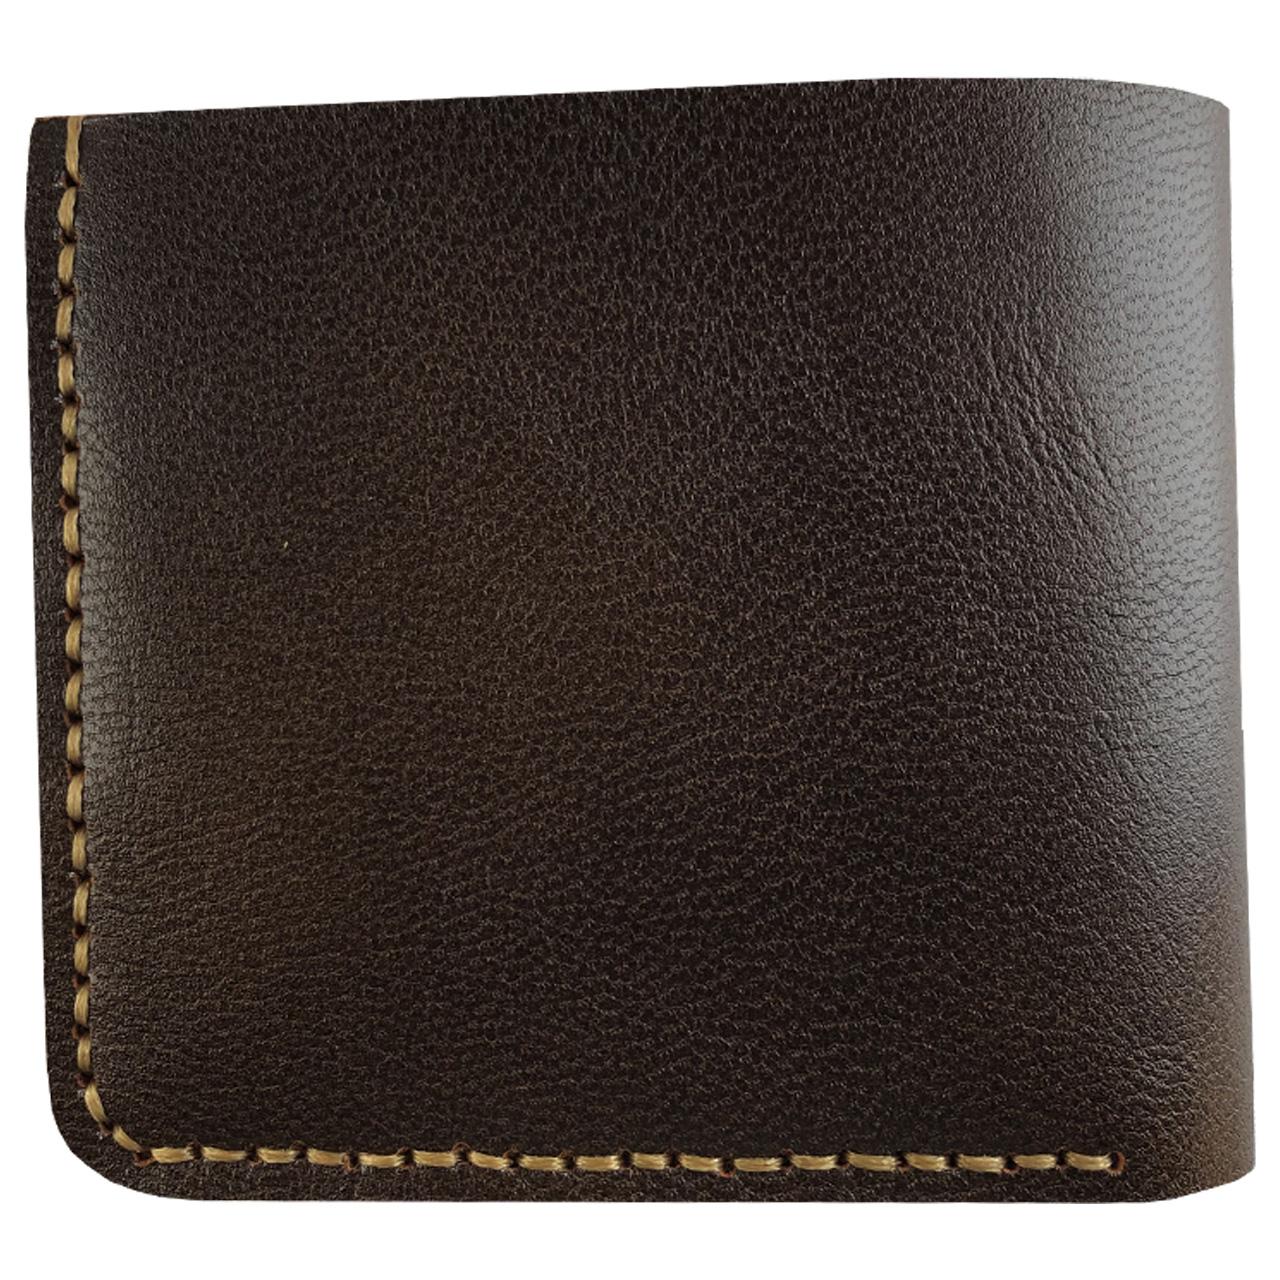 کیف پول چرم طبیعی ای دی گالری مدل P1-DBR